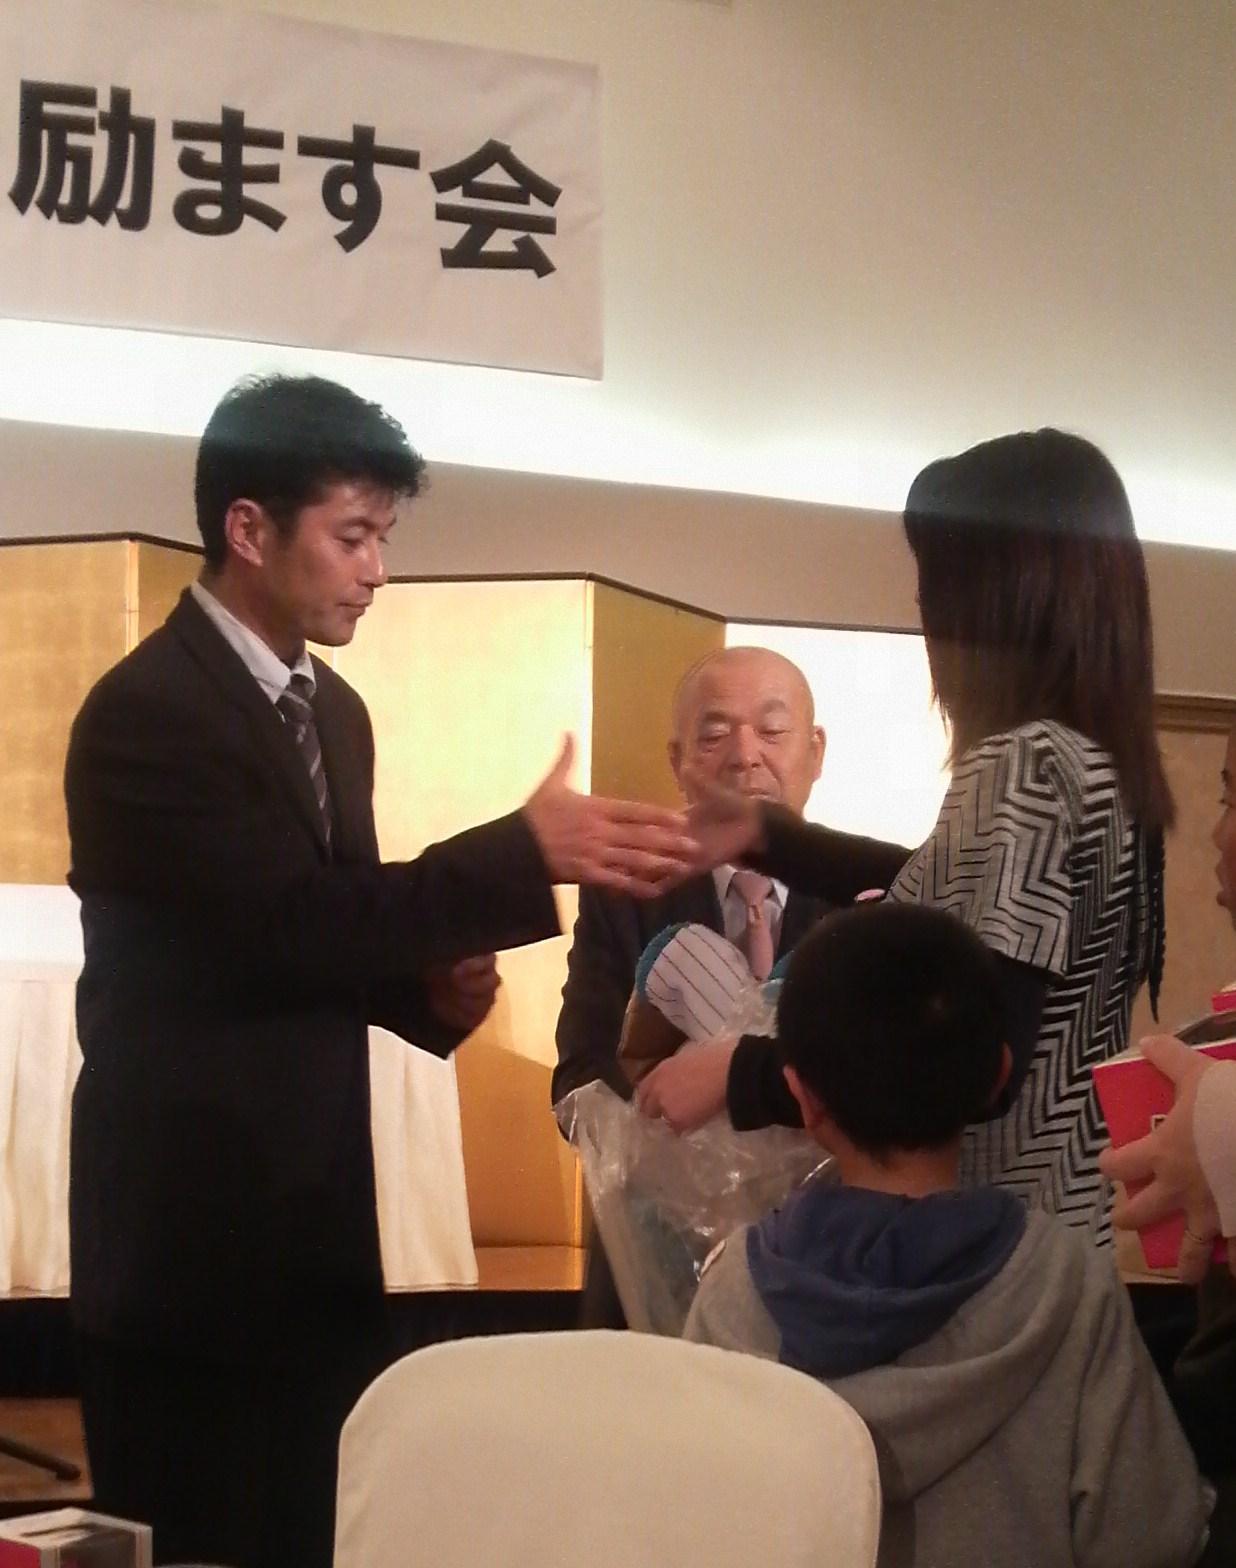 緒方孝市の画像 p1_27